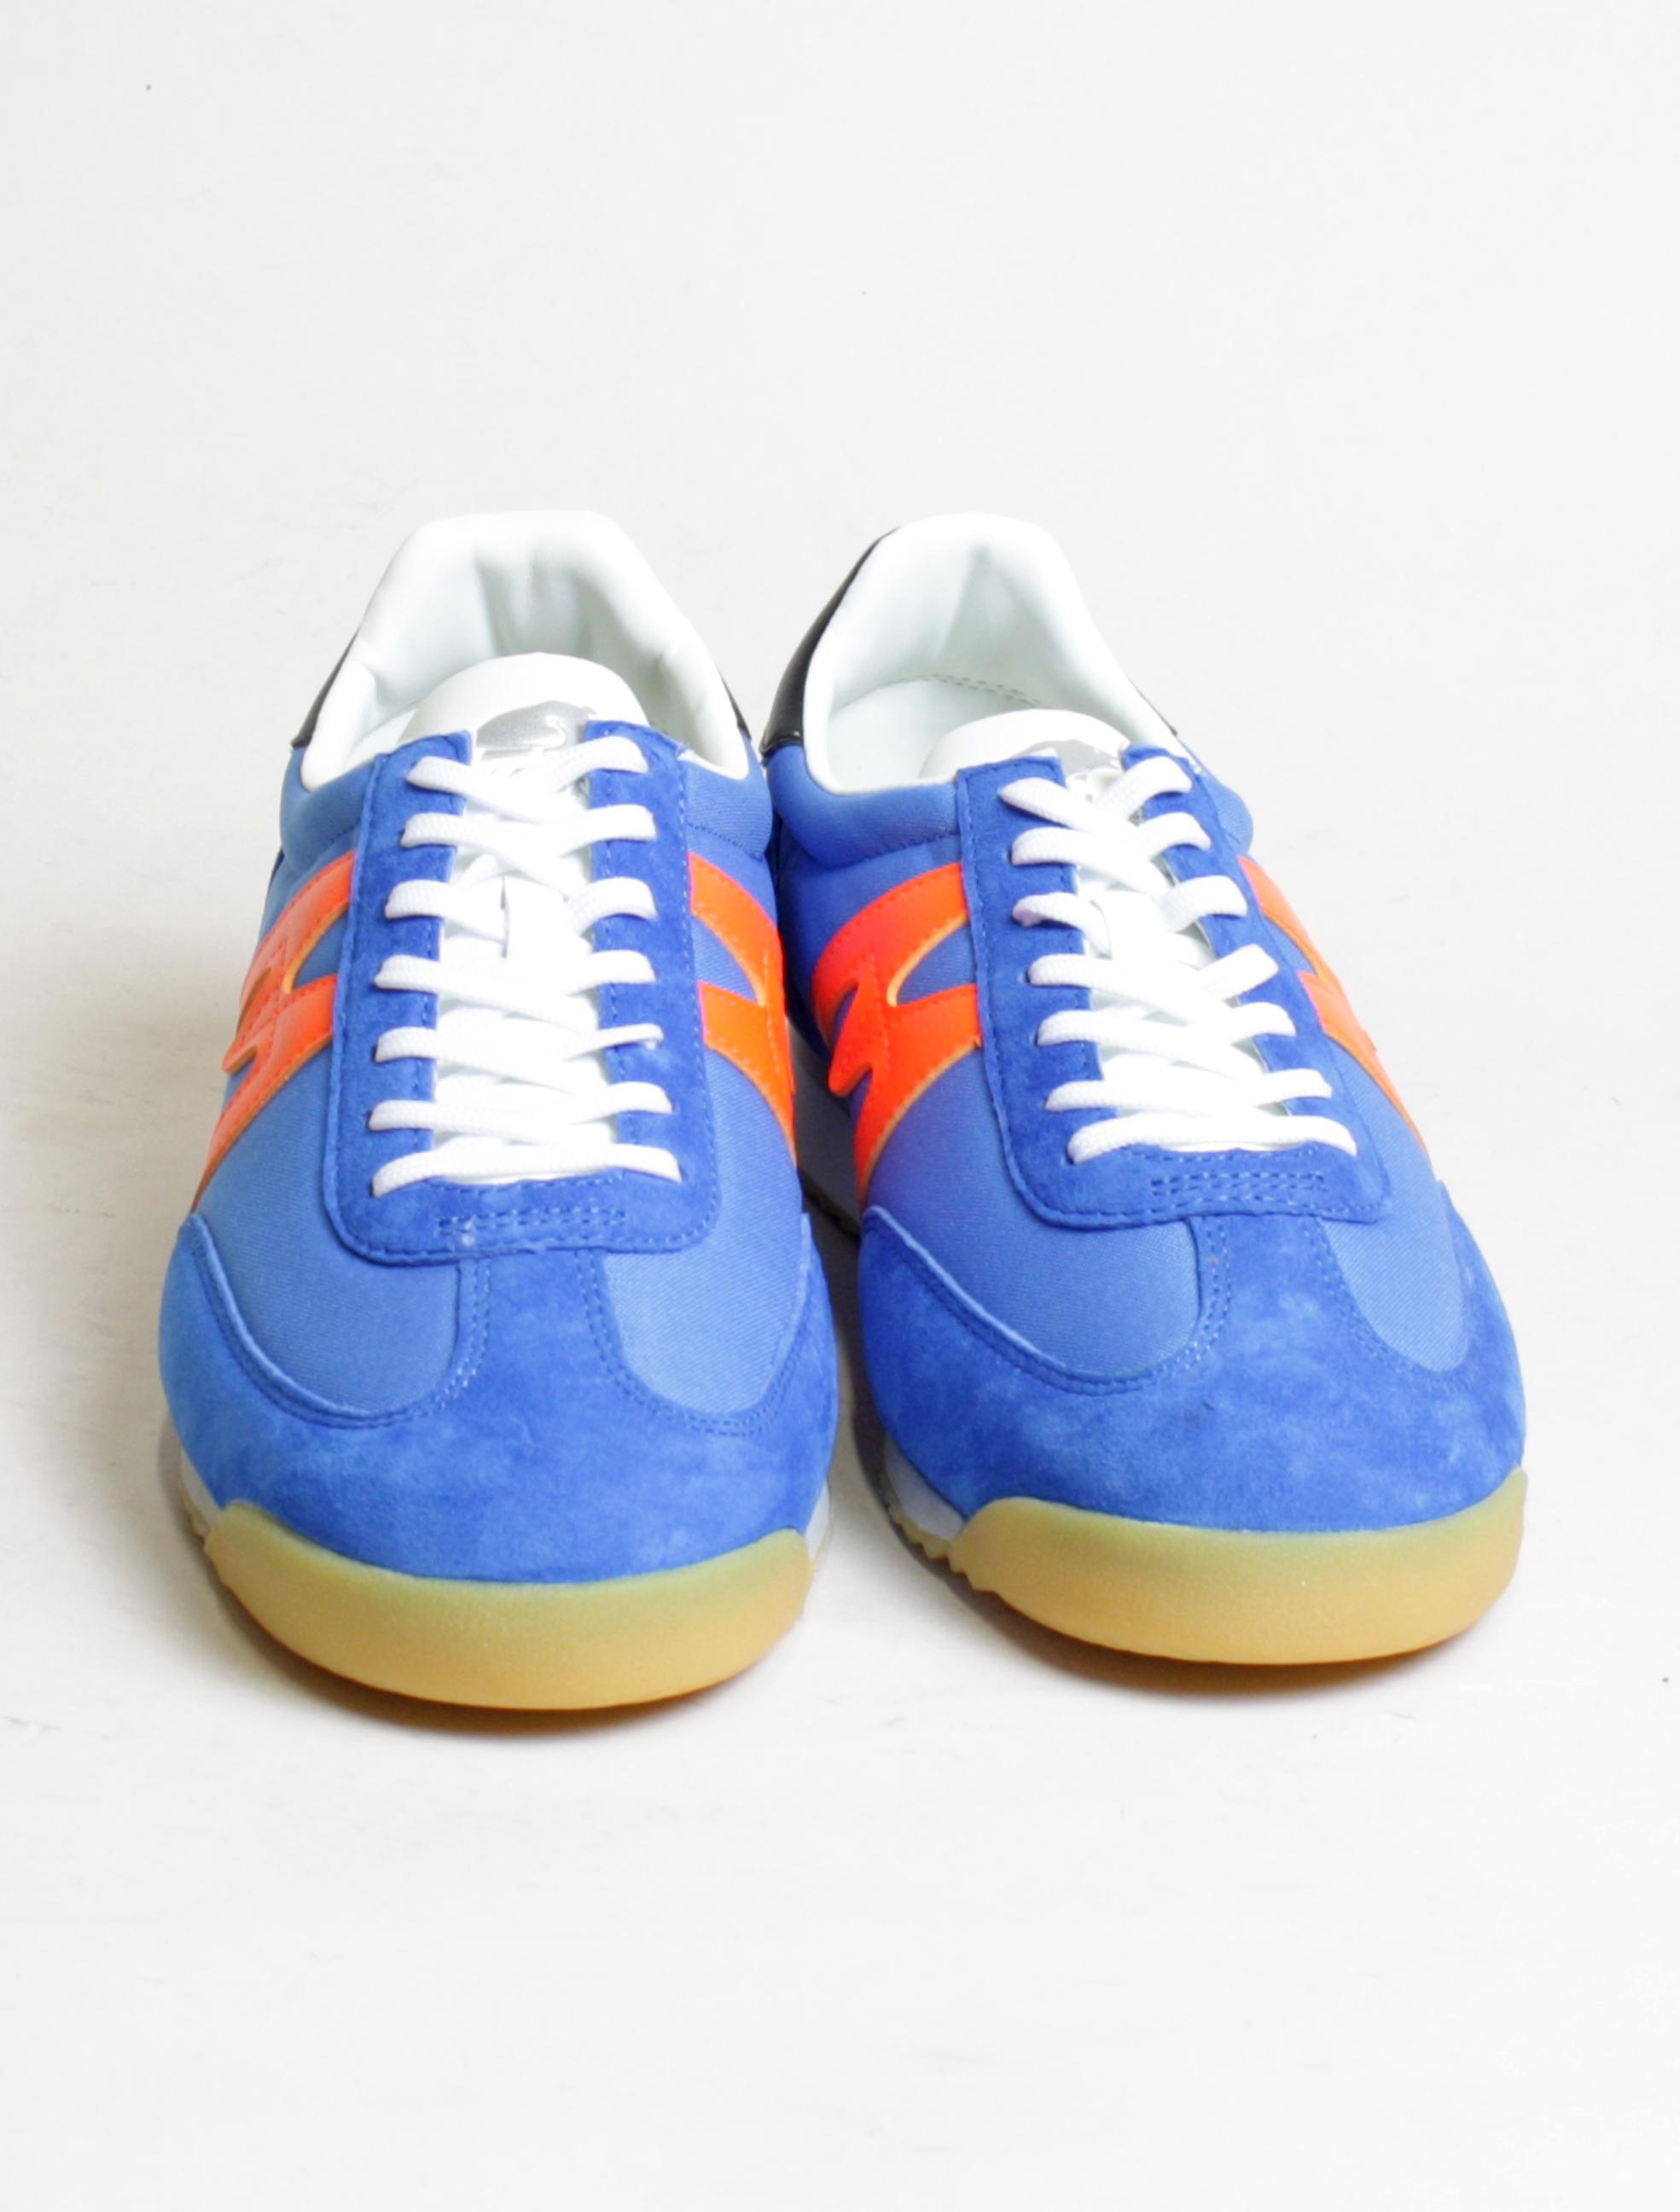 Karhu sneakers Championair Blue Aster Flame frontale